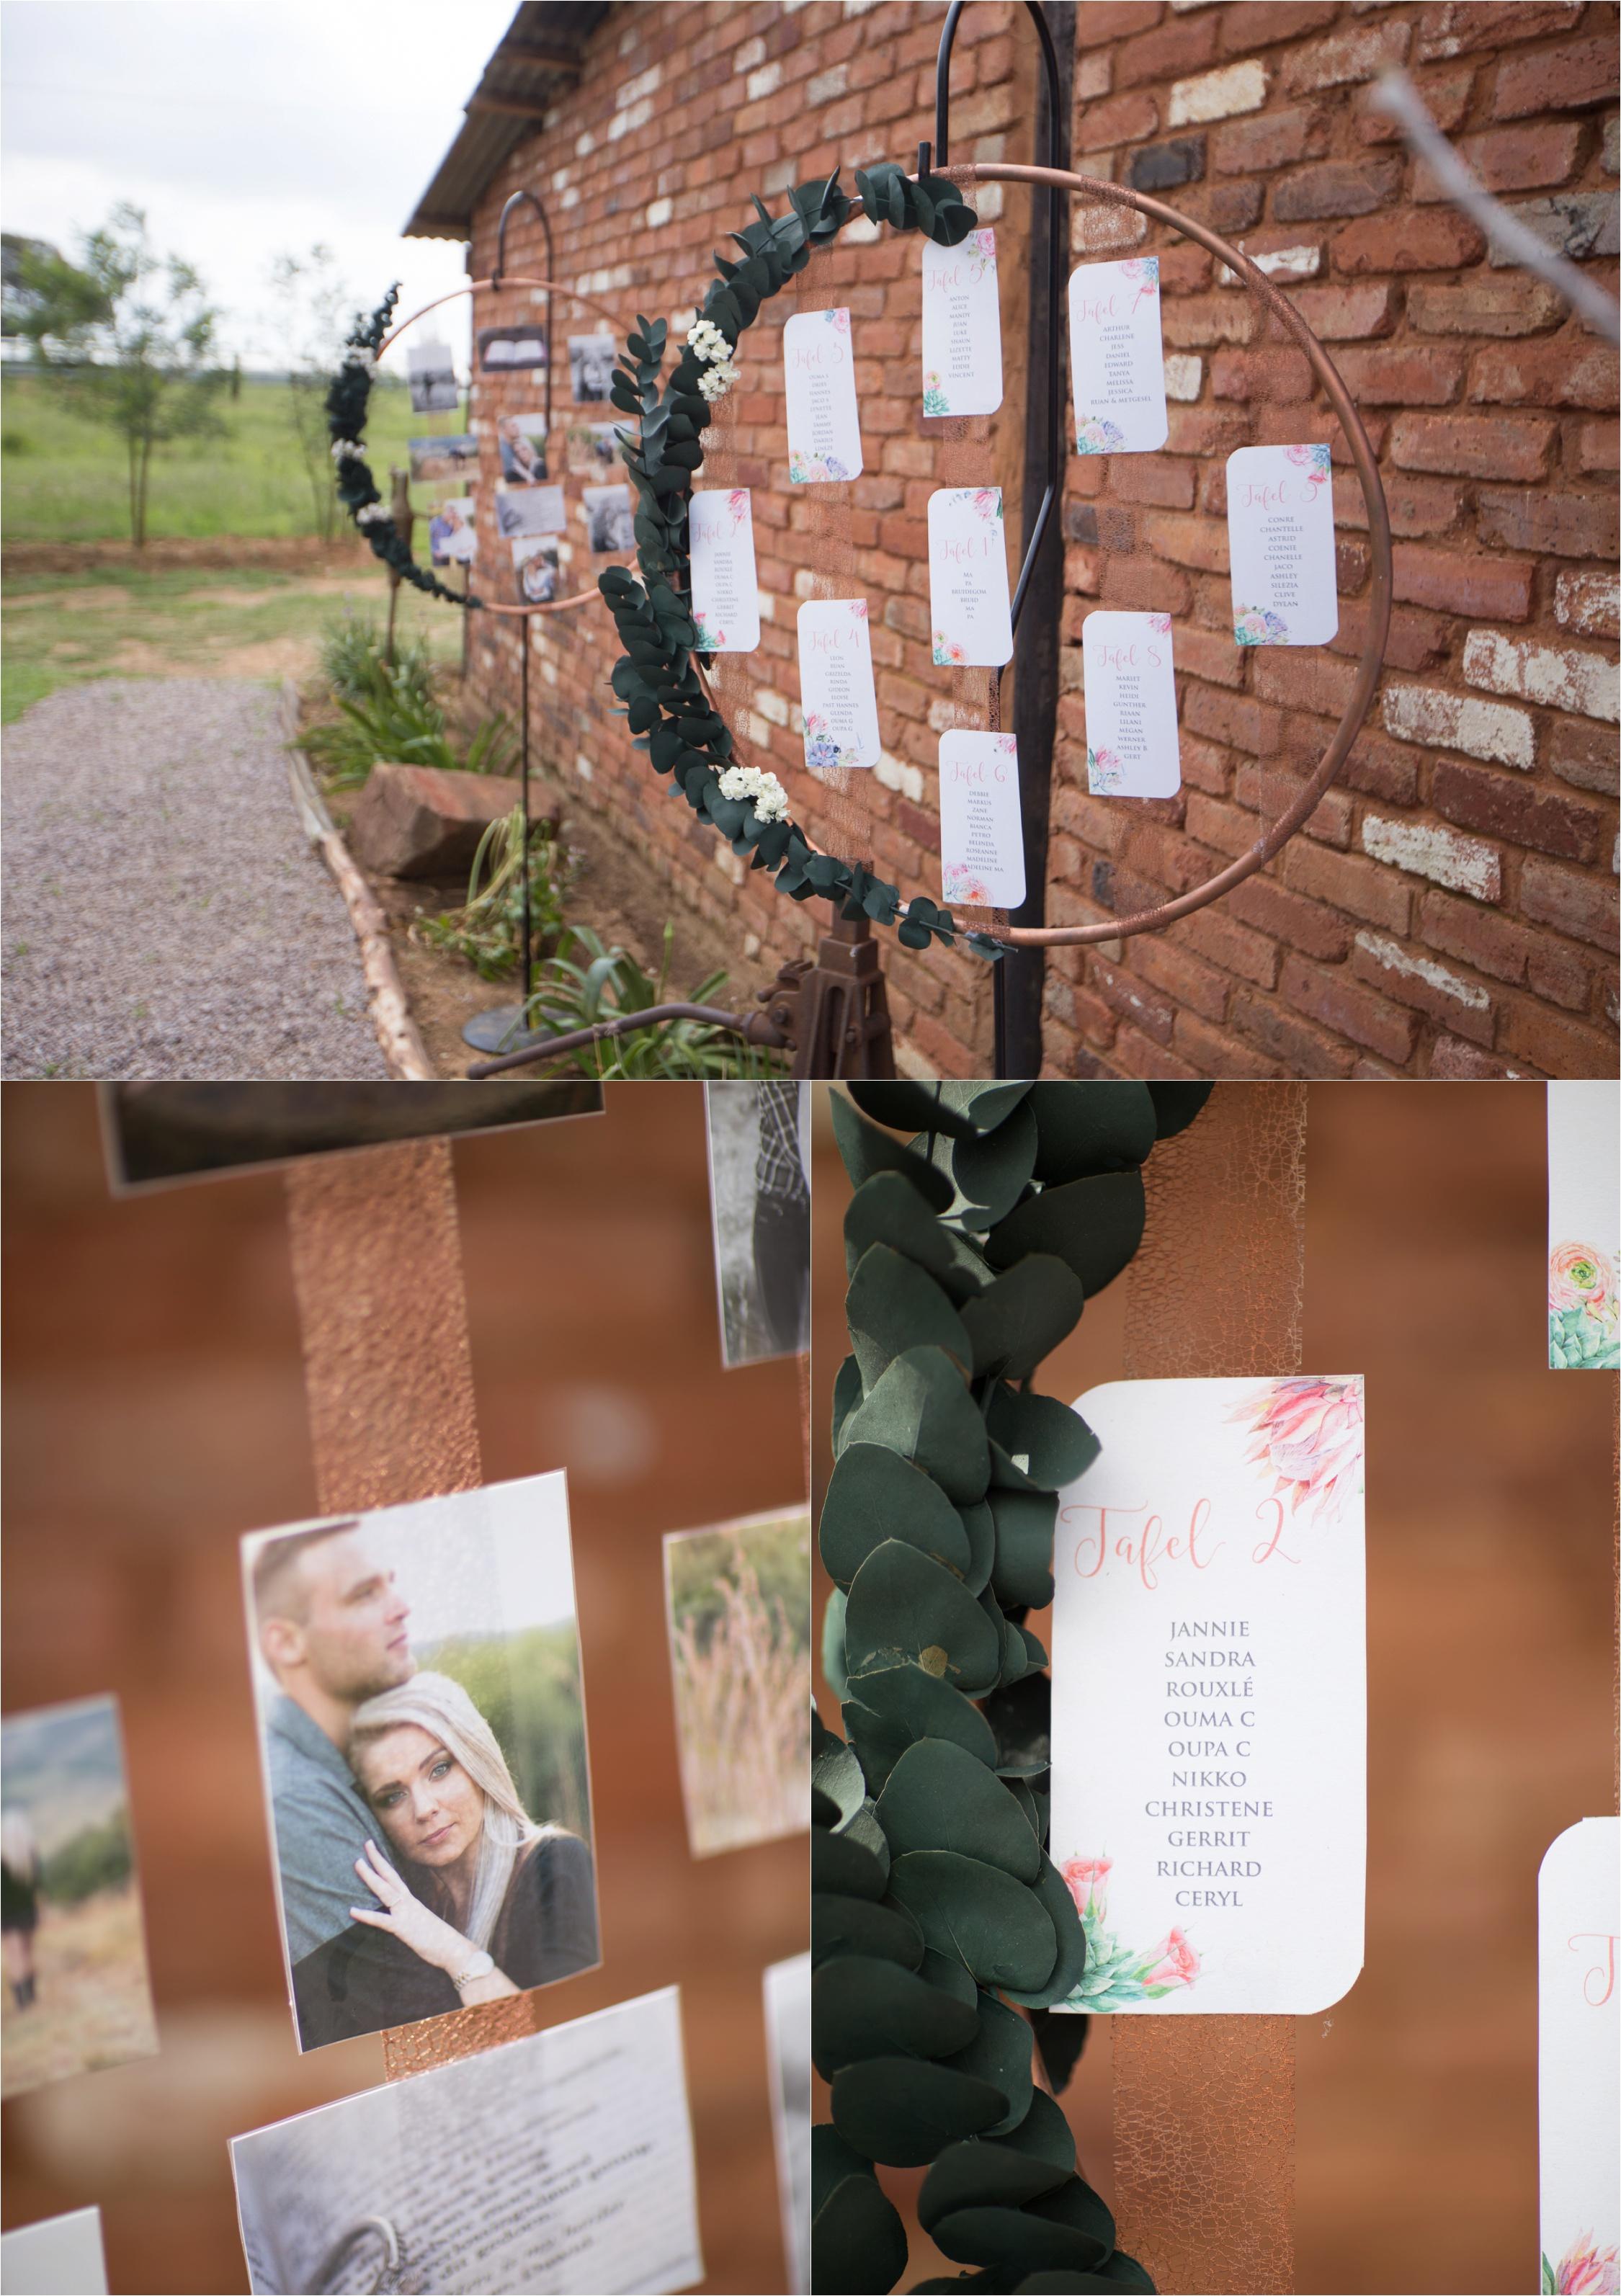 Die_Waenhuiskraal_wedding_Alicia_Dwayne_06